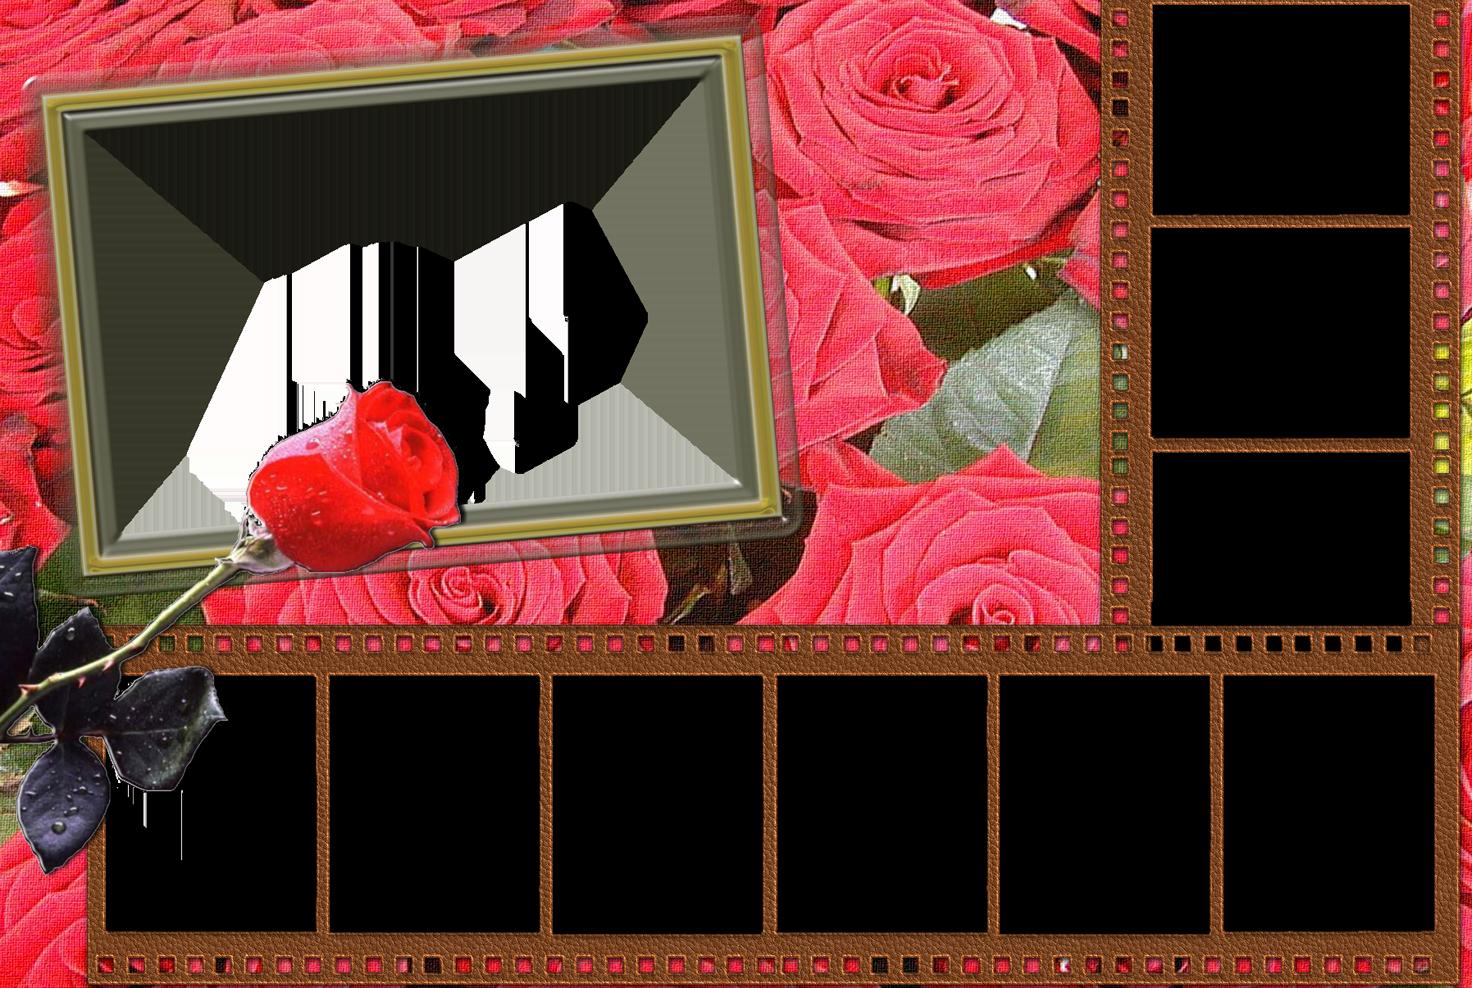 Скачать без регистрации софт клипы portable soft фильмы